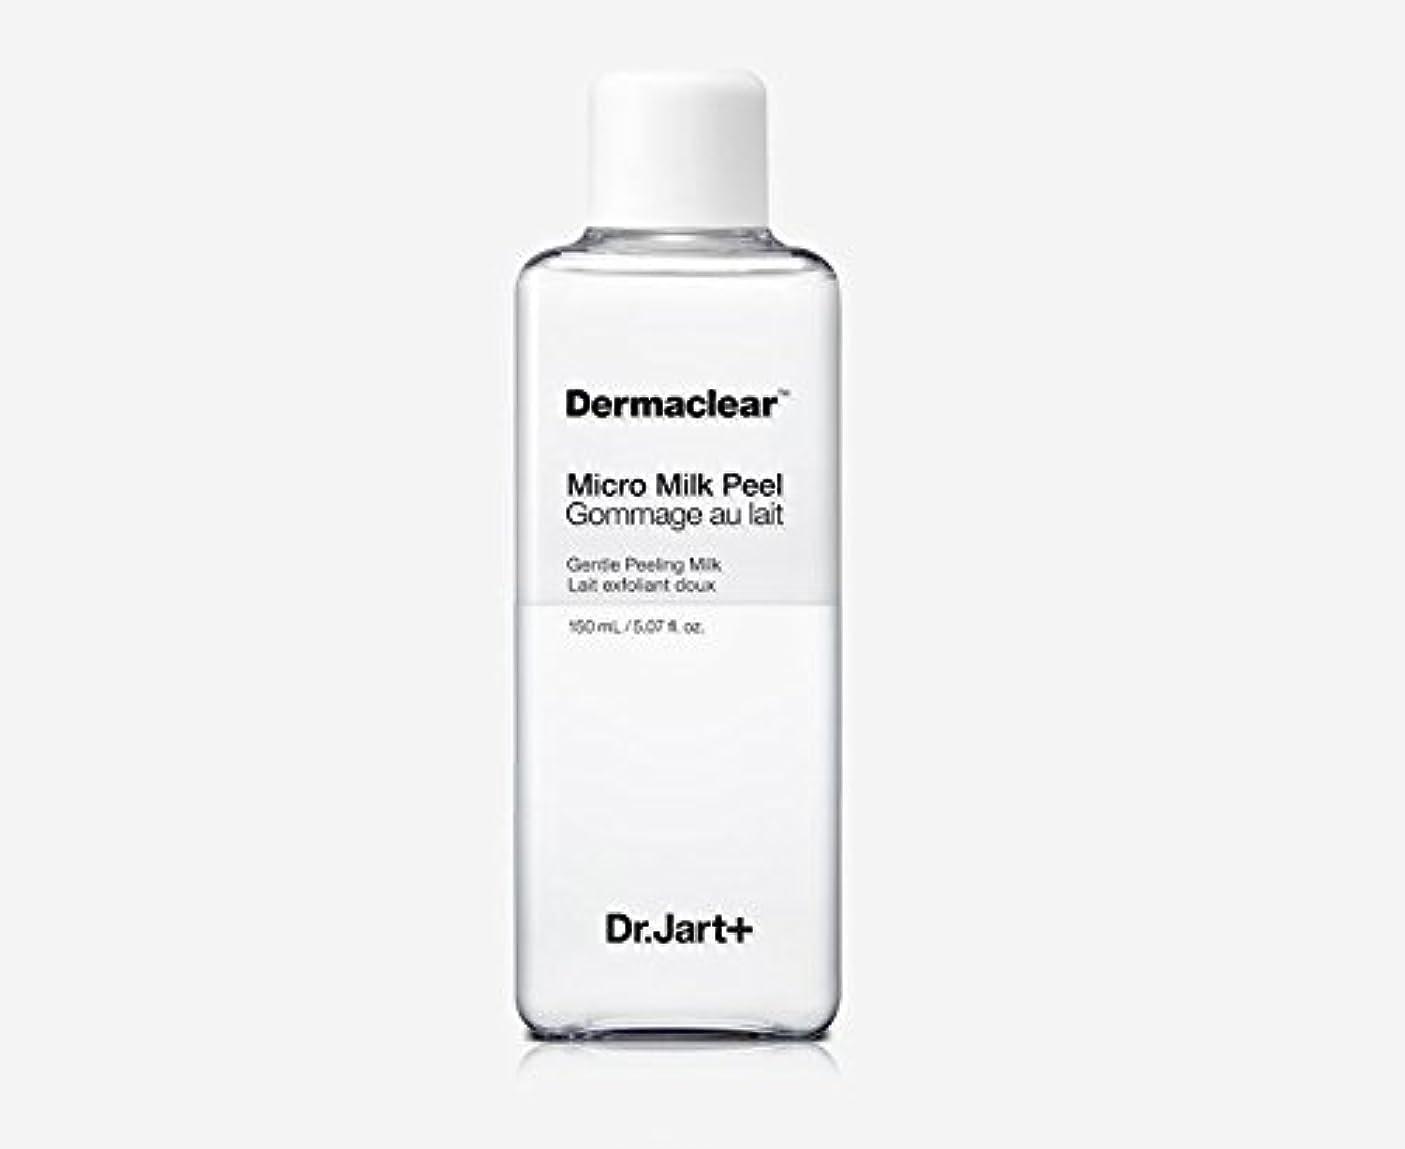 [ドクタージャルト]Dermaclear Micro Milk Peel 150ml/[ドクタージャルト]ダーマクリアマイクロミルクピール150ml [並行輸入品]